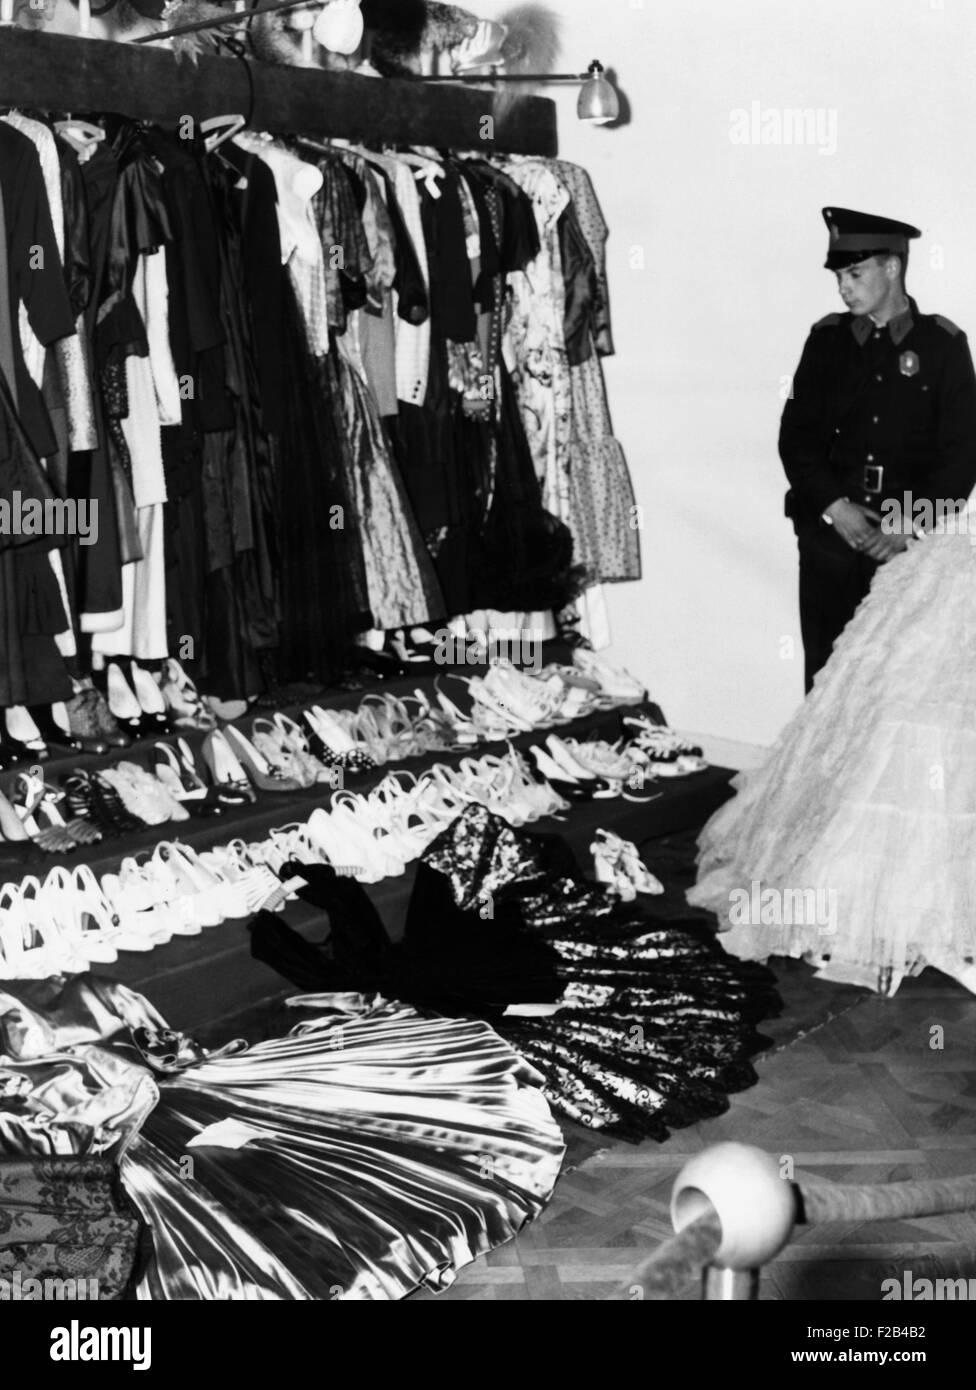 Soldado protege la tarde Eva Perón de lujo tras el derrocamiento del dictador argentino Juan Perón. Además de joyas, pinturas, tallas de marfil y otras riquezas, su closet celebró 400 600 vestidos, sombreros y docenas de pares de zapatos y botas. Artículos por valor de más de $6.500.000 ($57 millones en 2015) fueron colocados en exhibición al público por el gobierno revolucionario del Presidente Eduardo Lonardi. El 20 de octubre, 1955. - (CSU_2015_5_128) Foto de stock